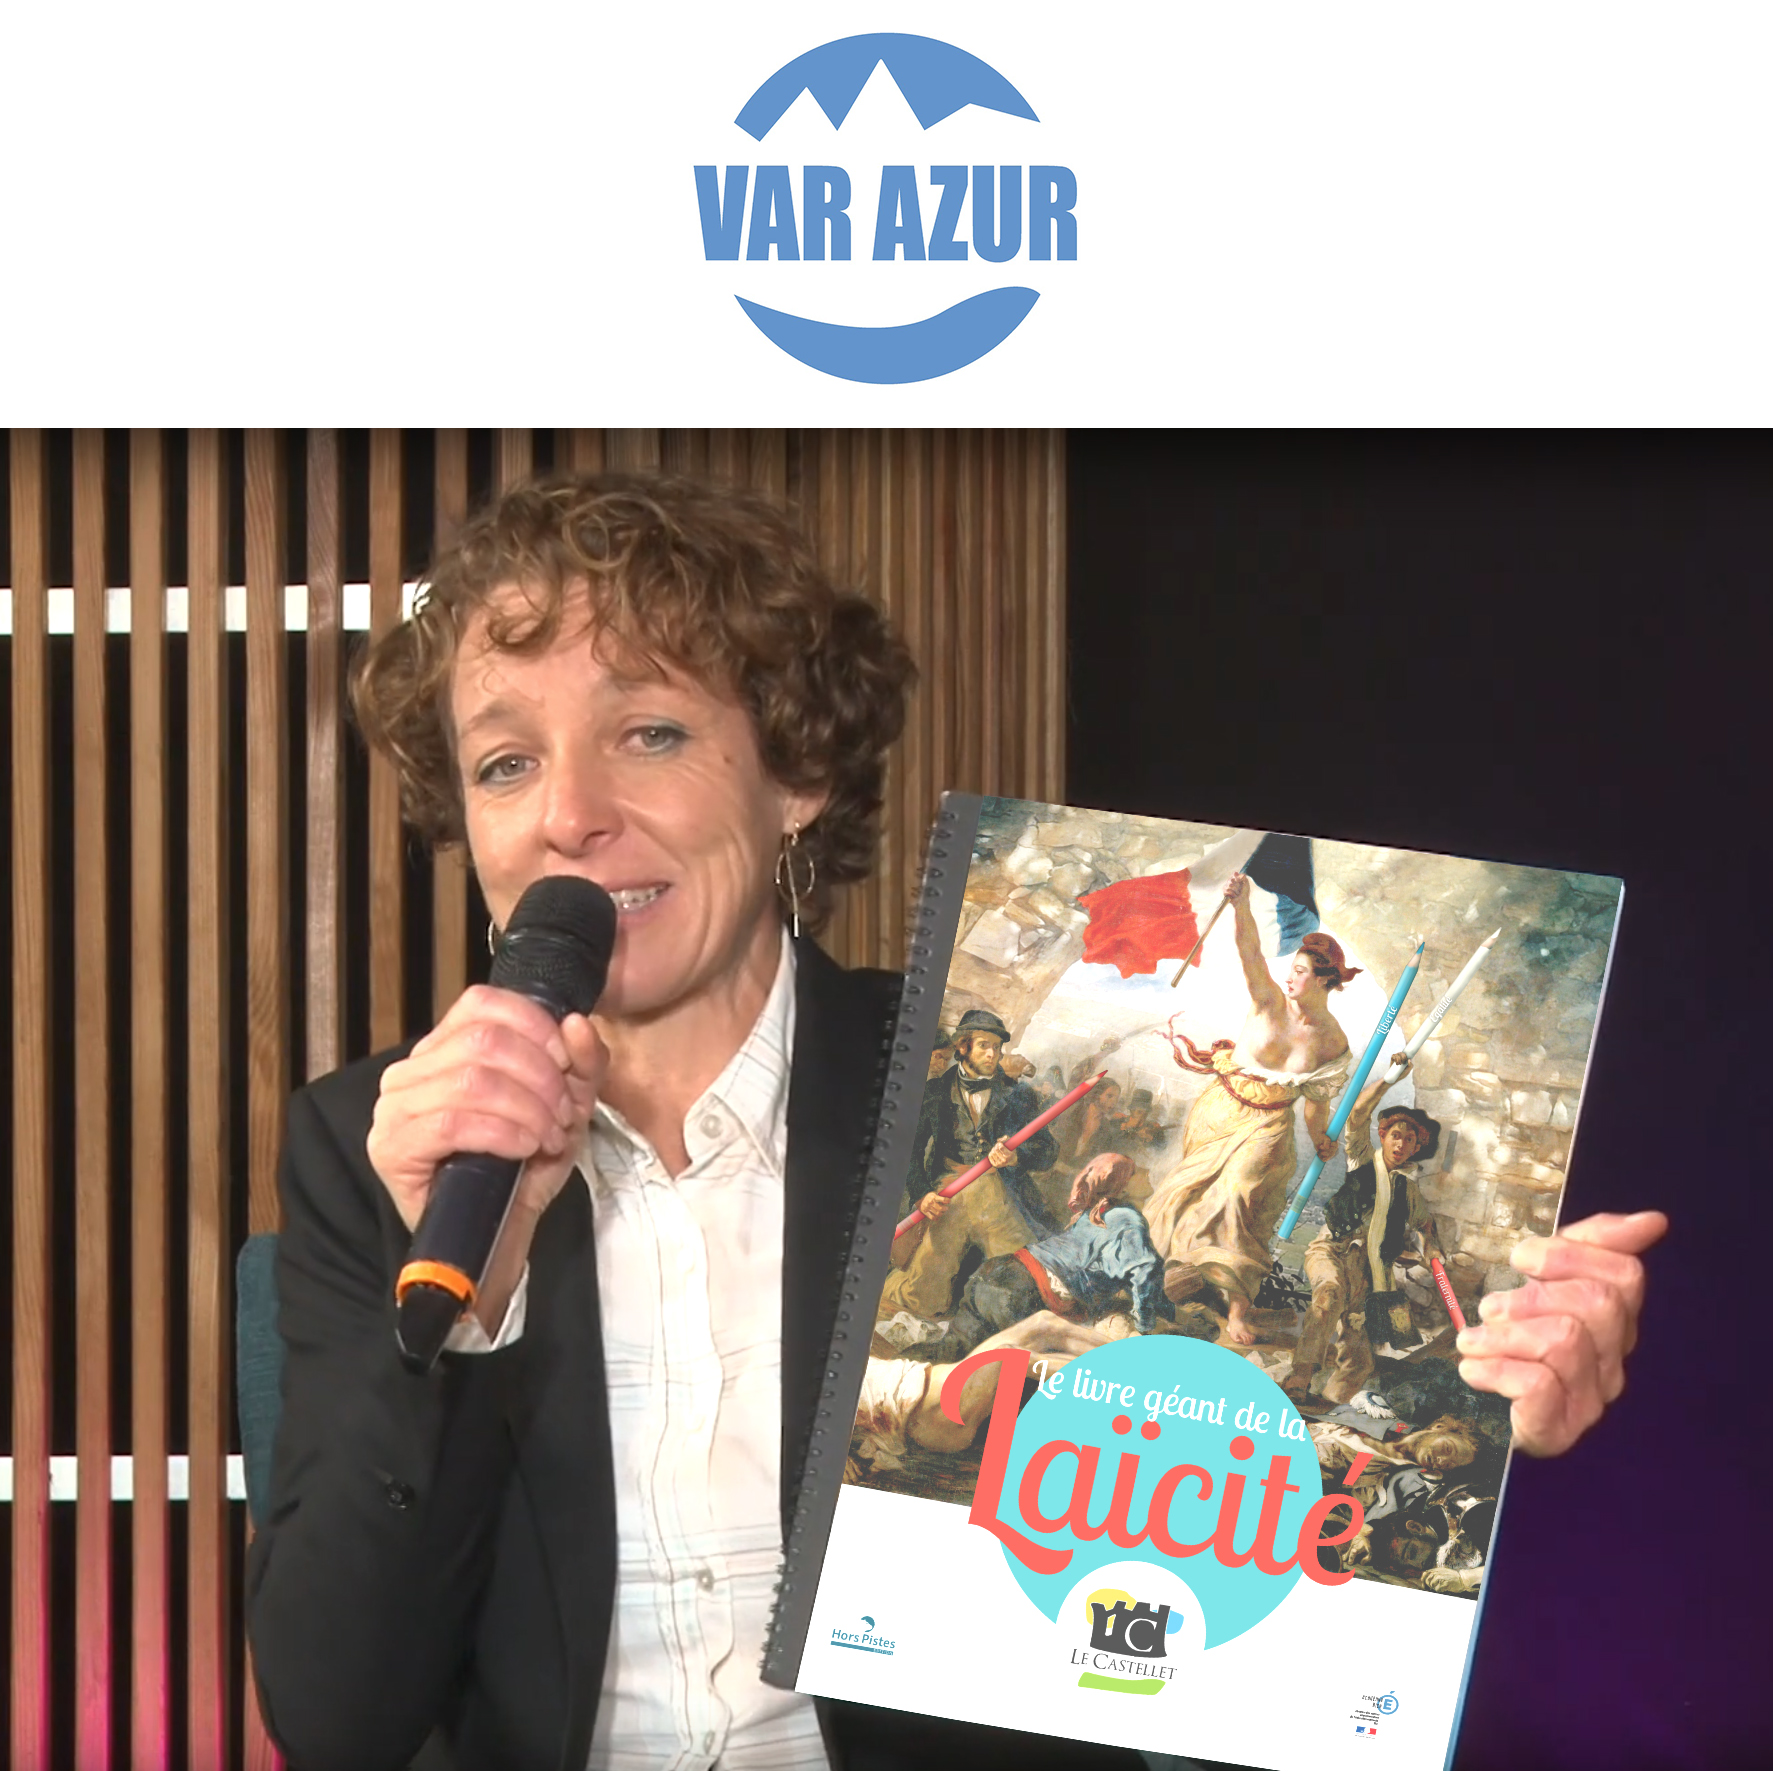 VAR AZUR TV Présente les Livres géants Laïcité du Castellet et de l'AMF Var